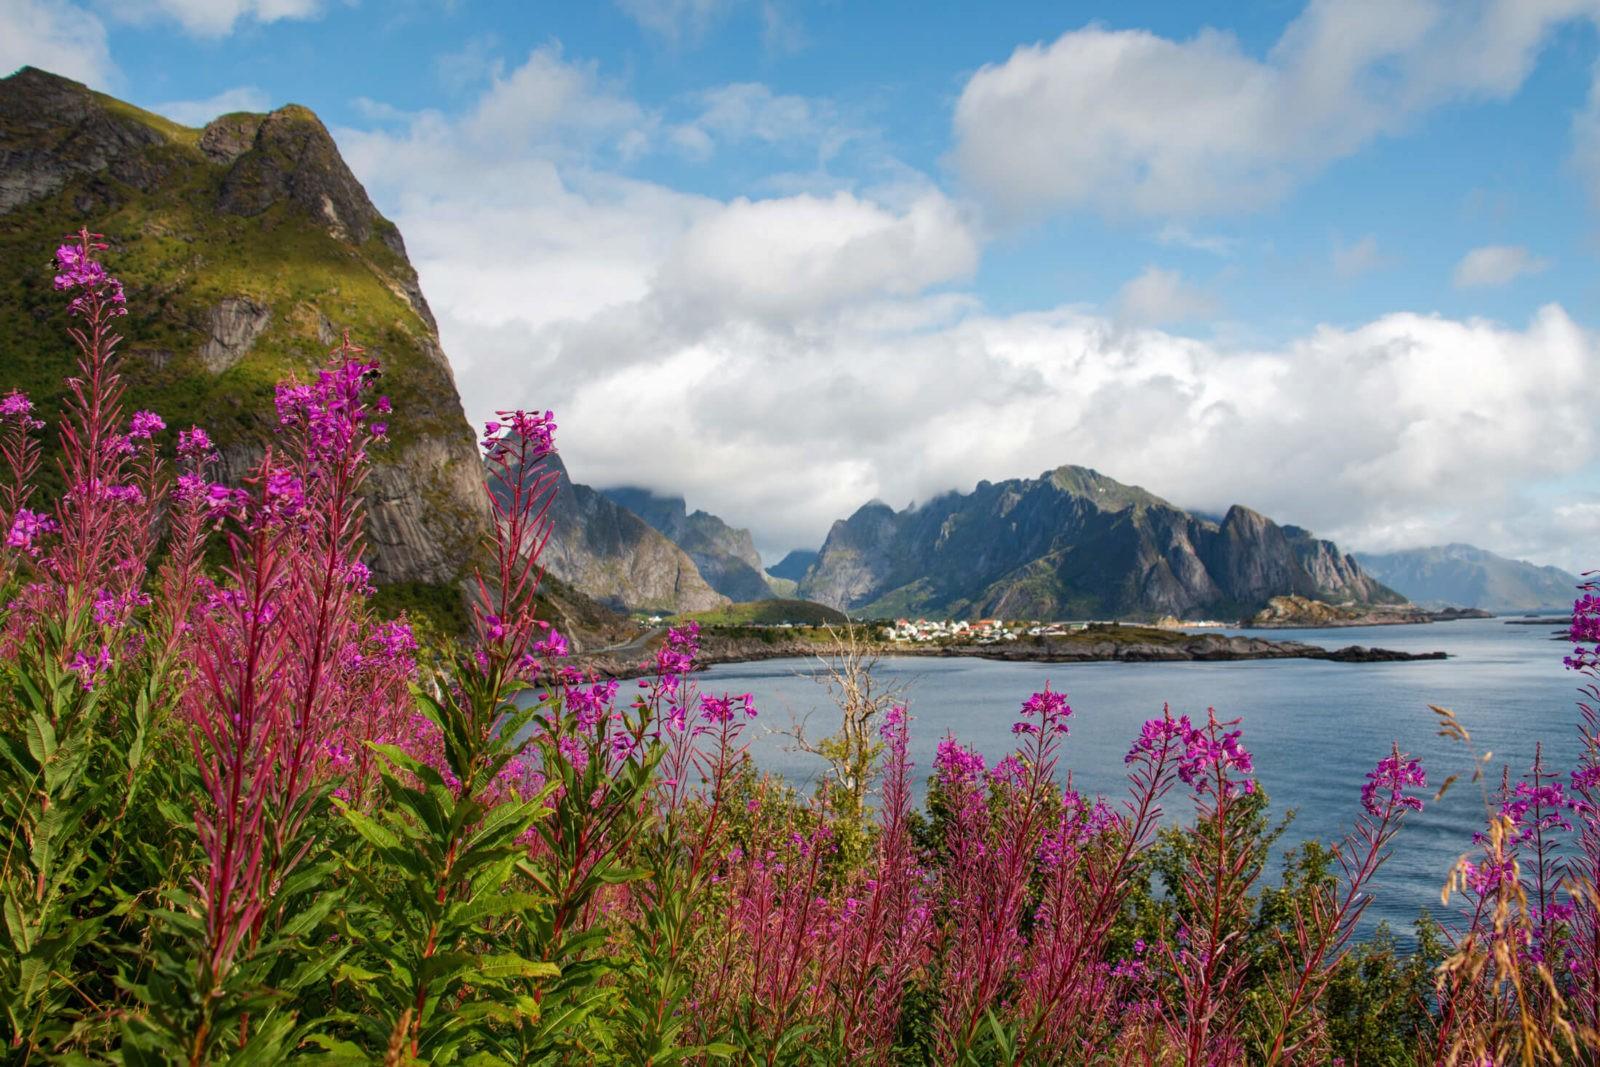 Reine op de Lofoten (Foto: julieweiss10/Foap/Visitnorway.com)